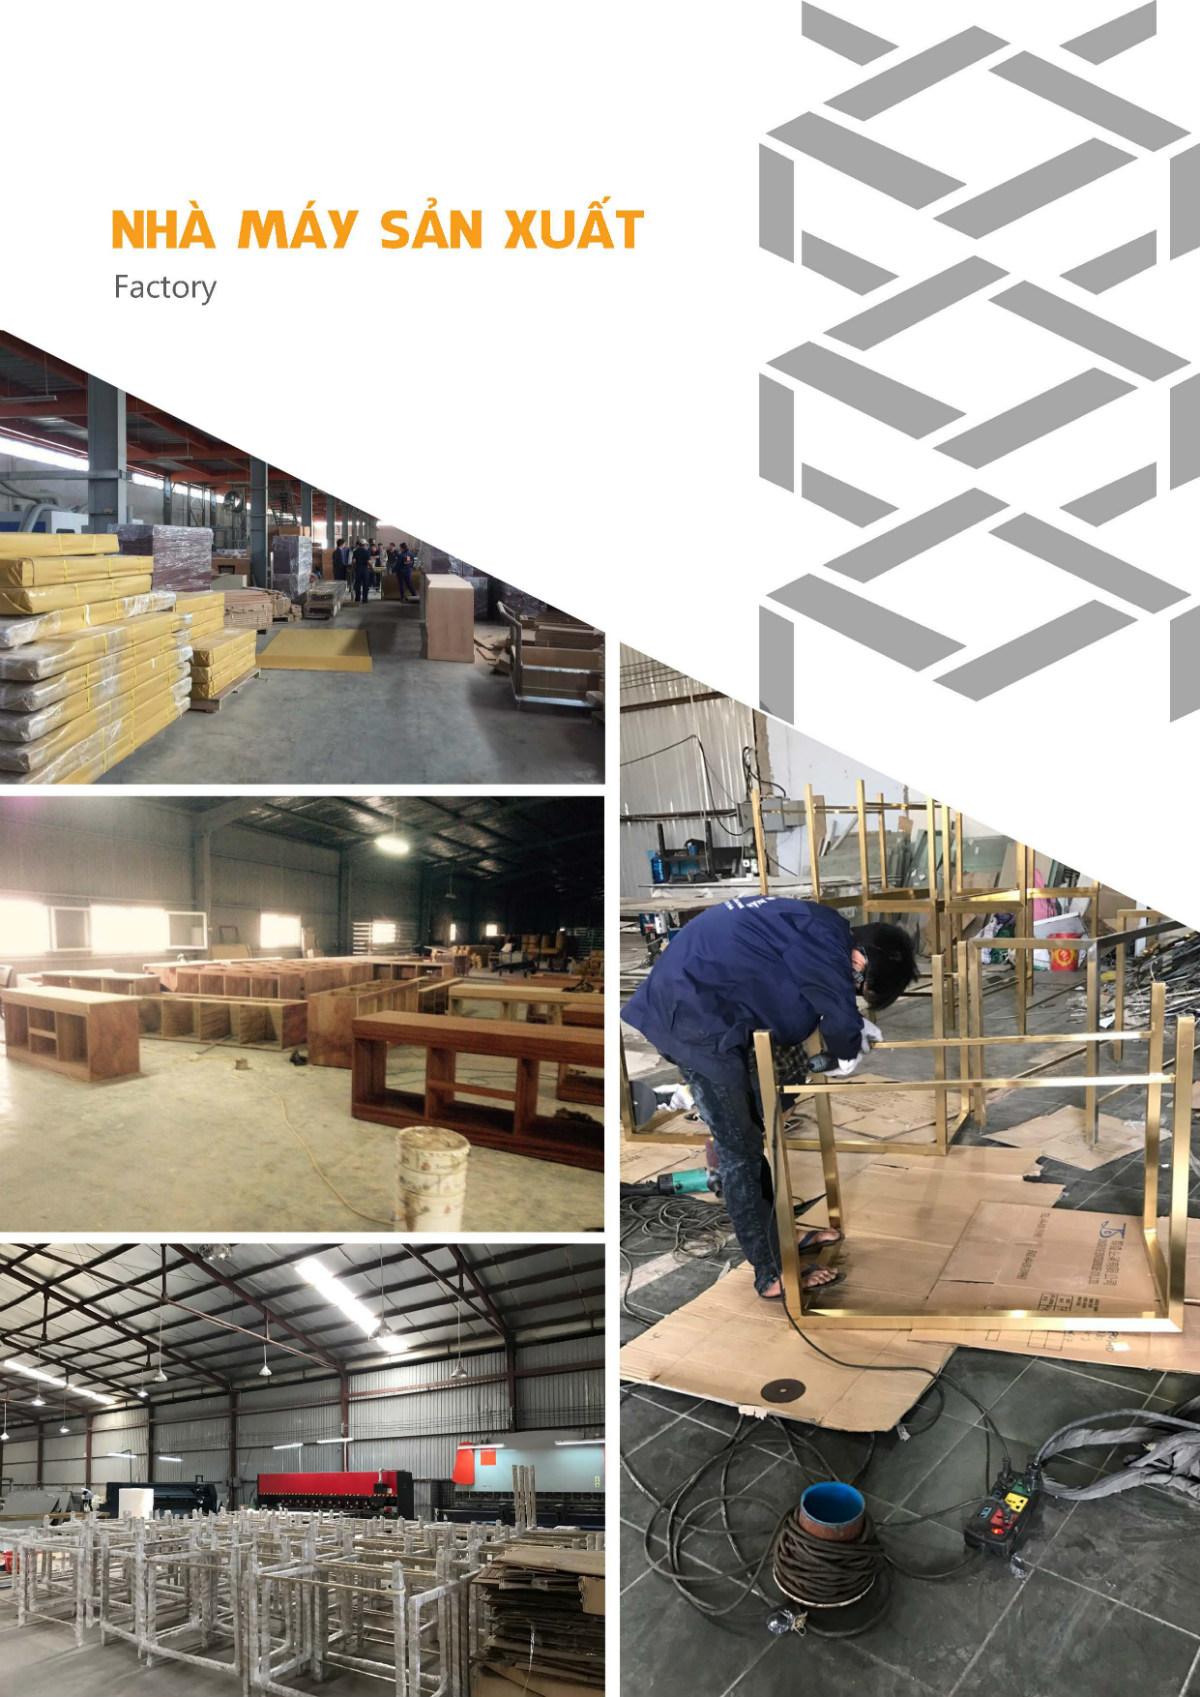 sieu-chung-ky-sck-factory-nha-may-san-xuat (6)